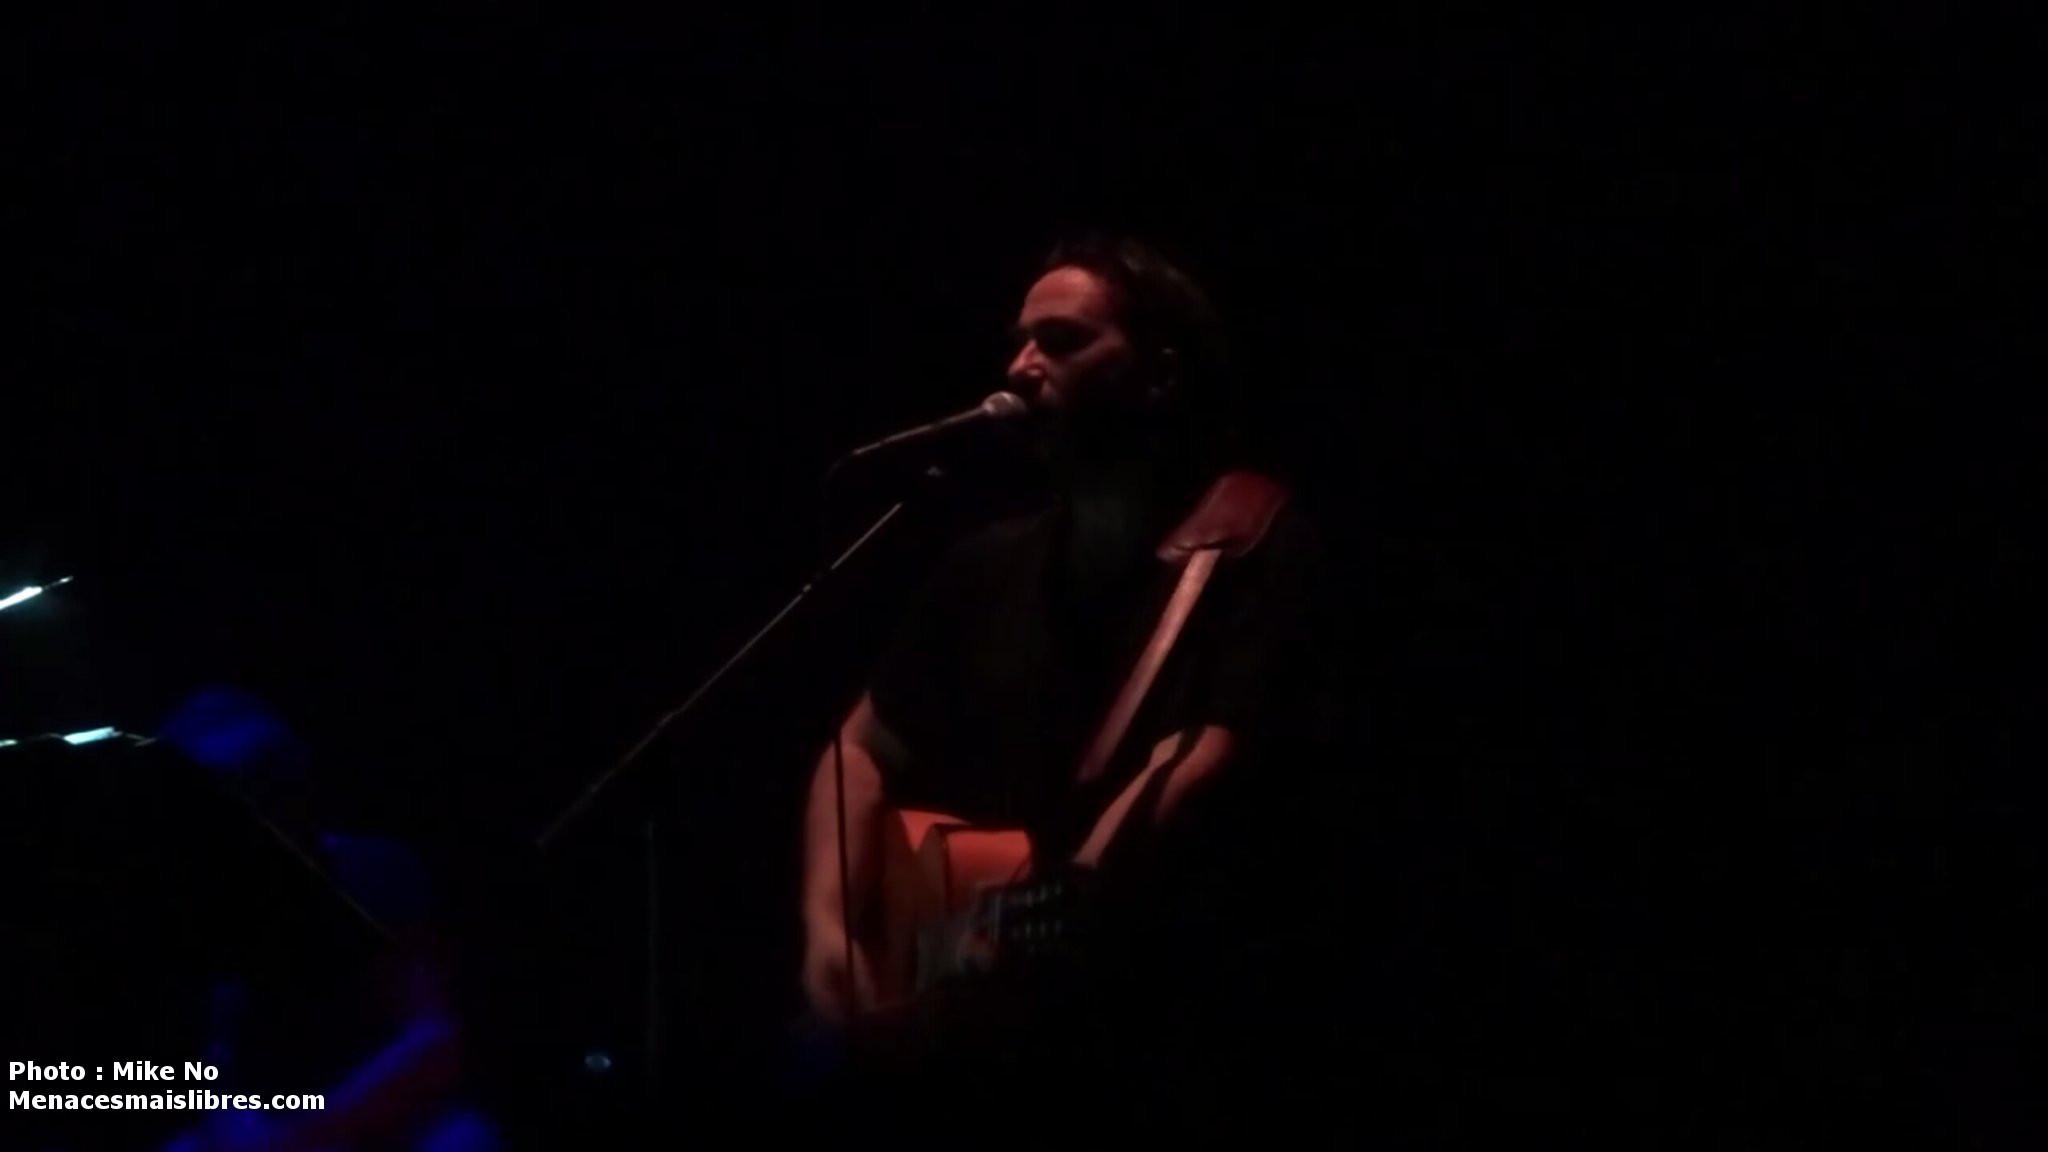 concert Strasbourg 2017 damien Saez photo